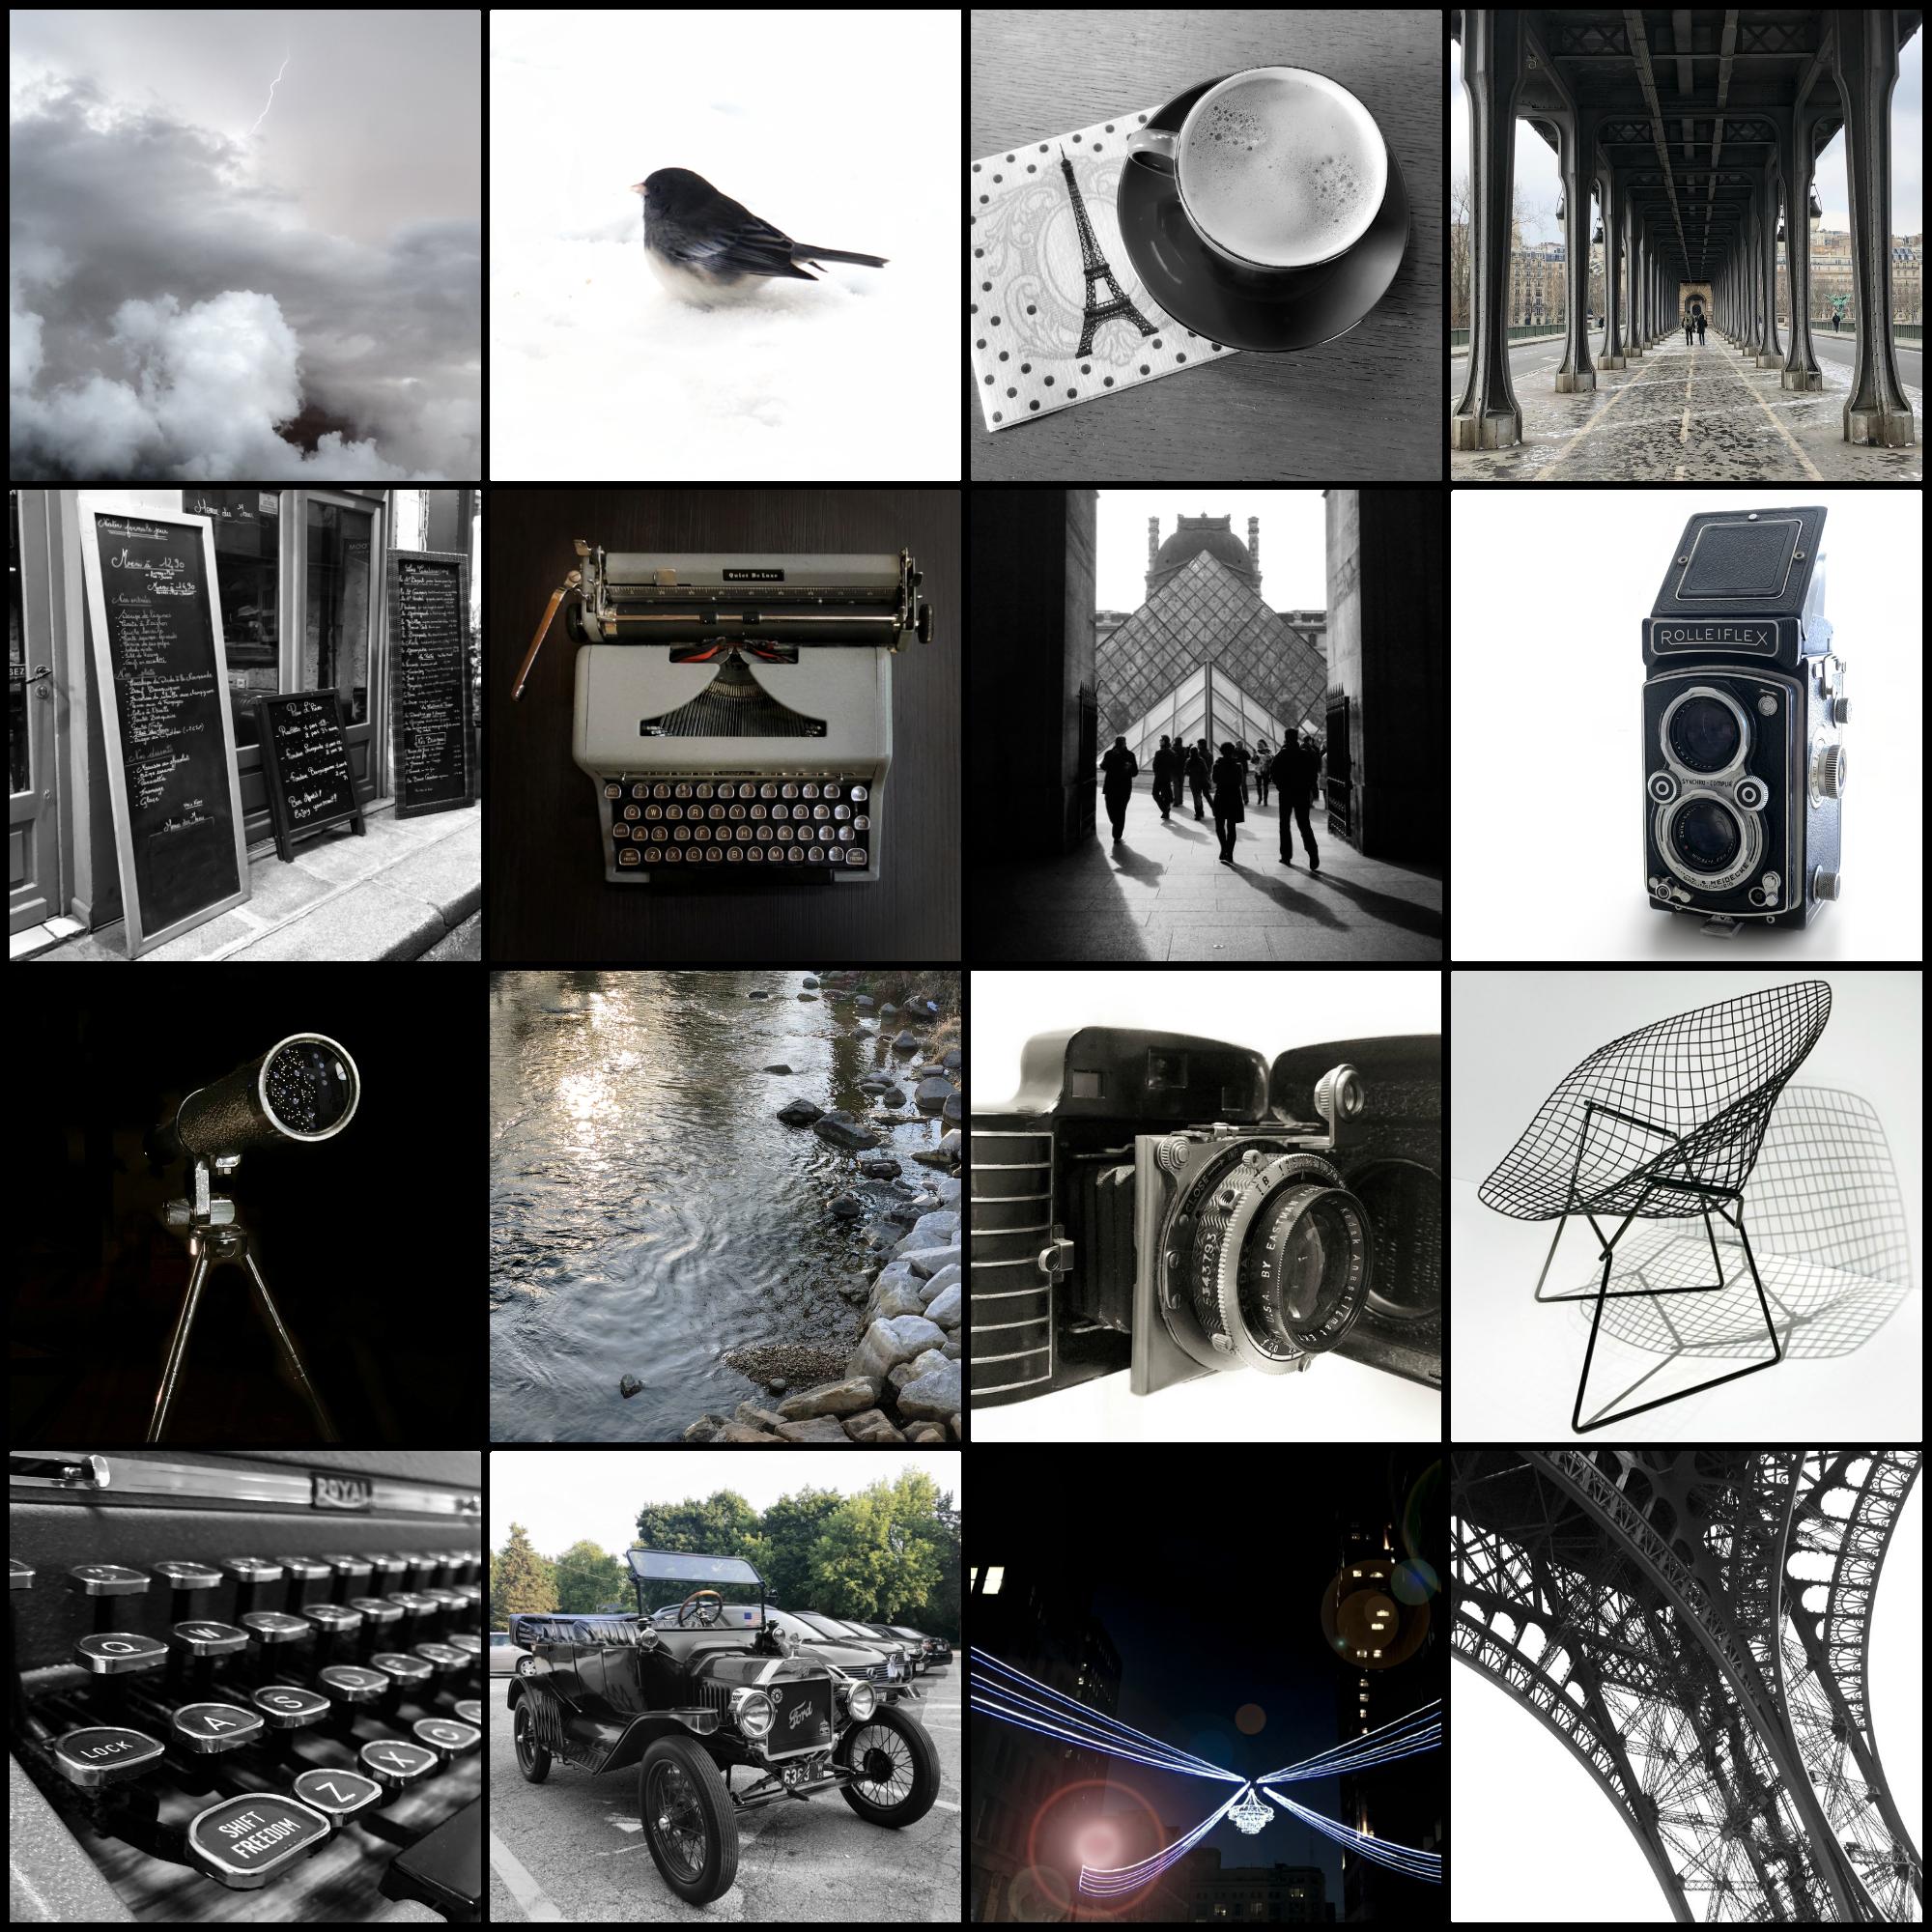 la vie en noir et blanc | black and white